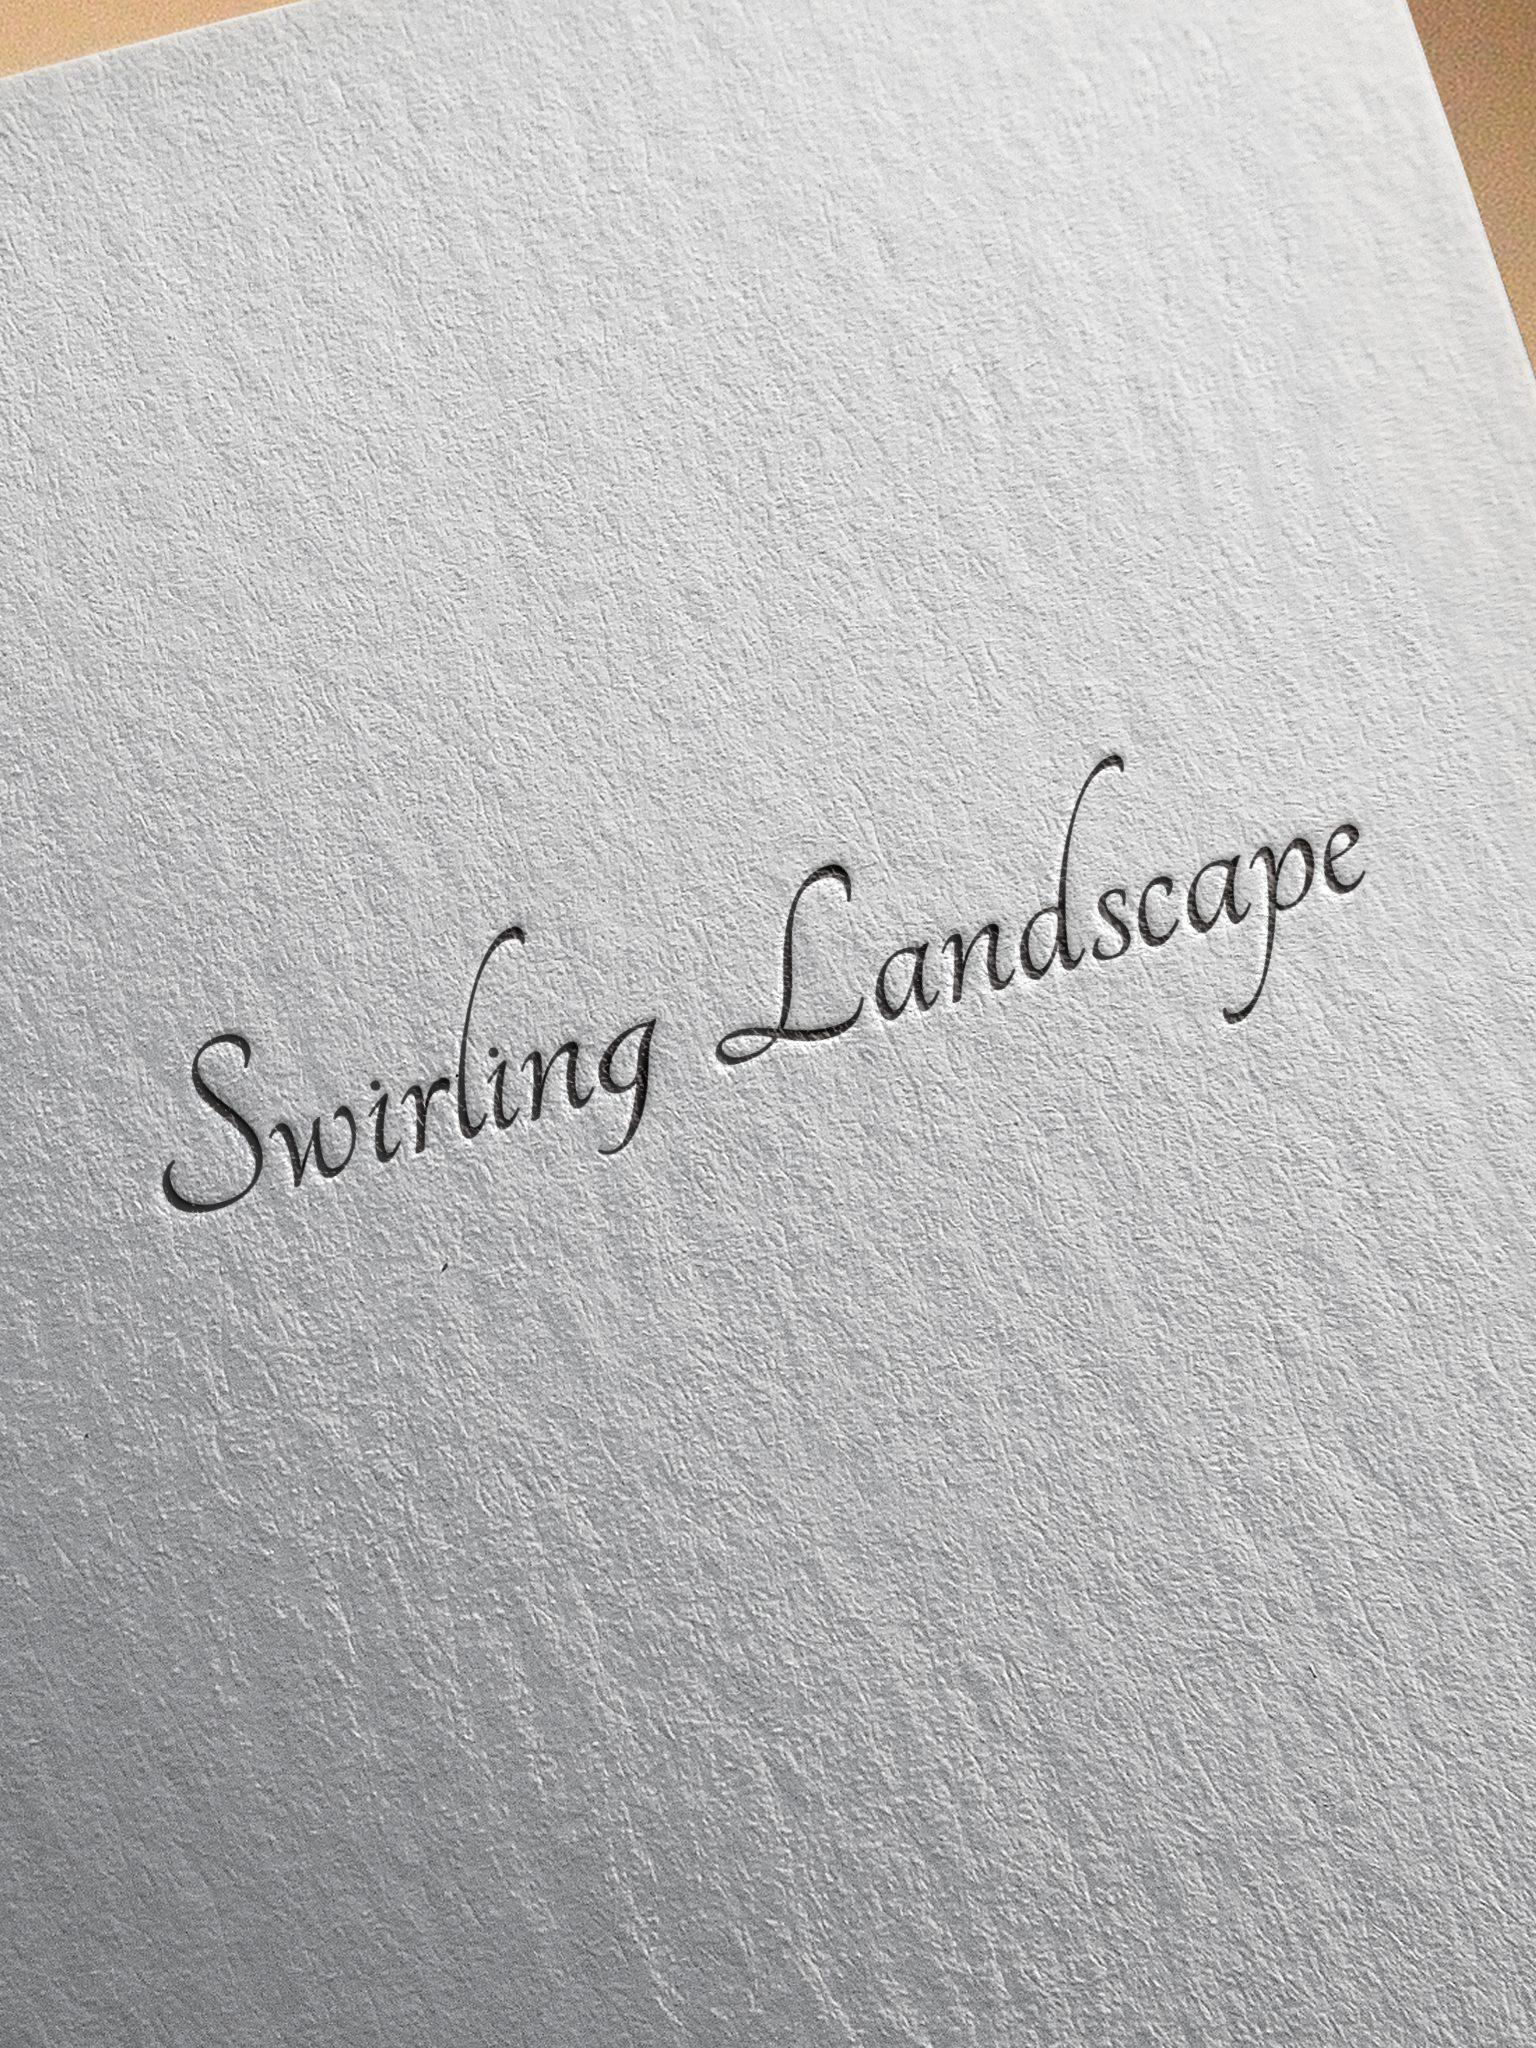 SWIRLING LANDSCAPE LOGO